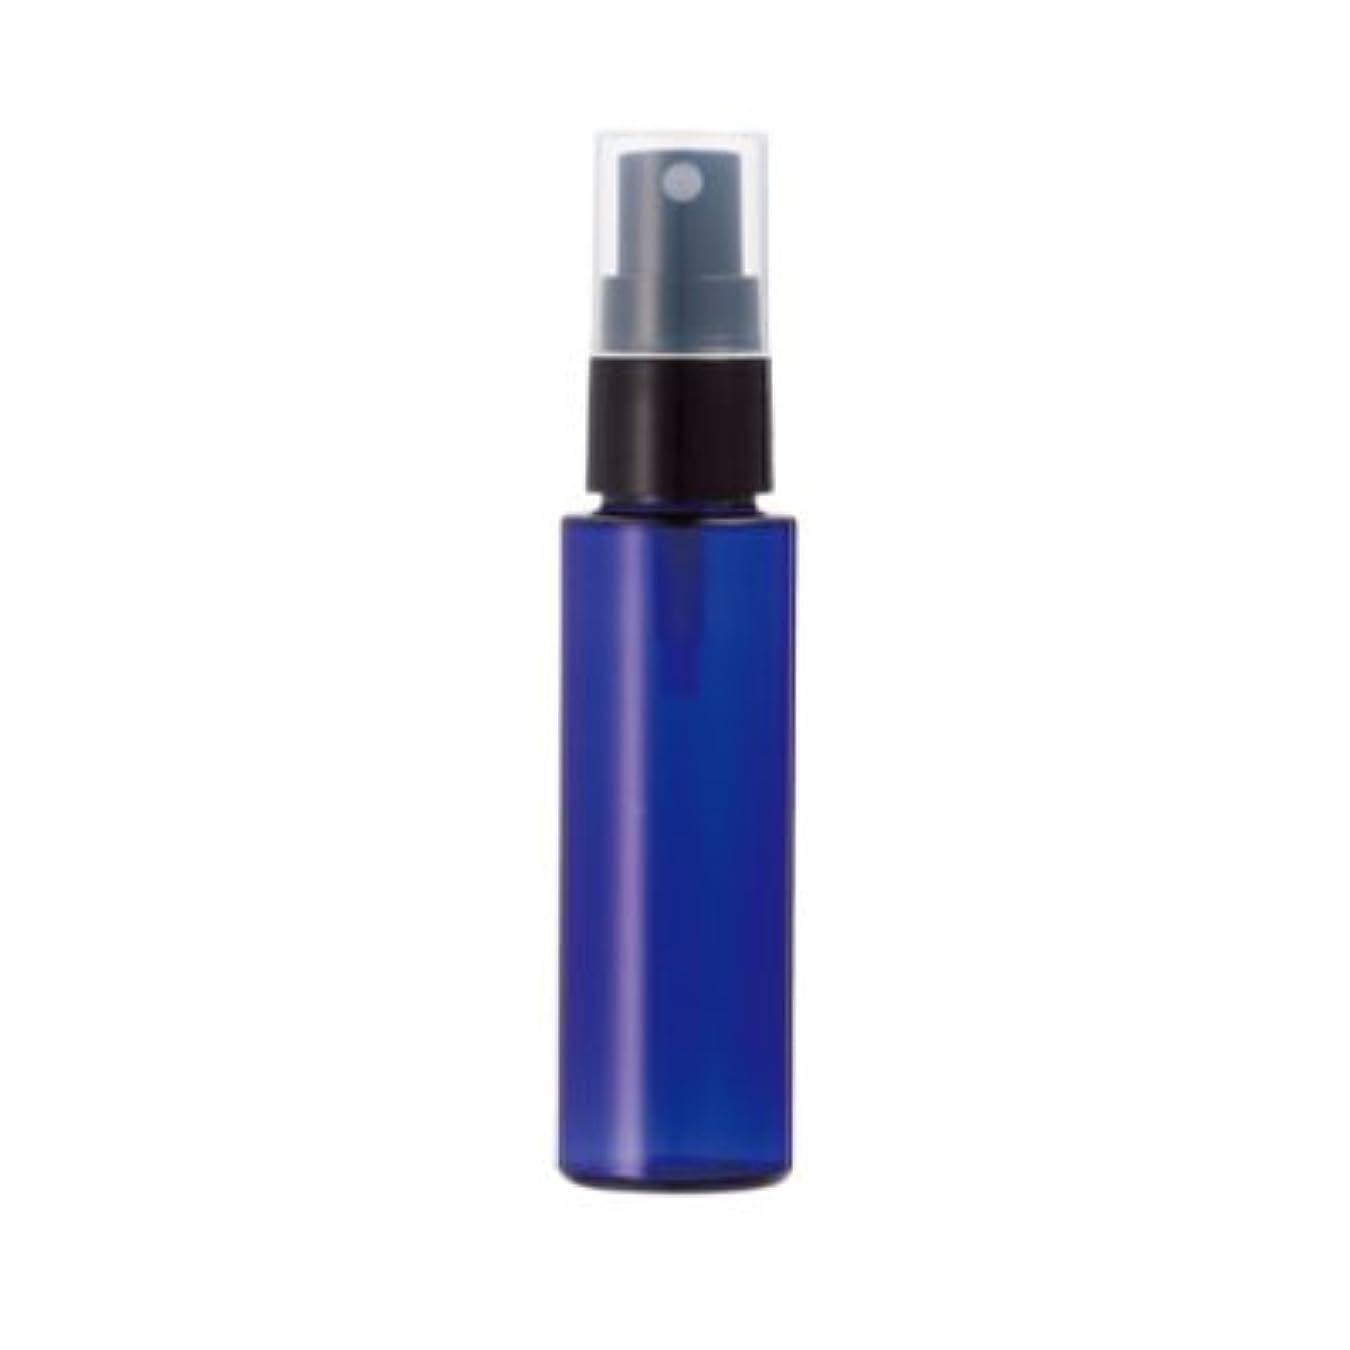 熱心なブラインド流行しているNEW 青色PETスプレー容器 50ml